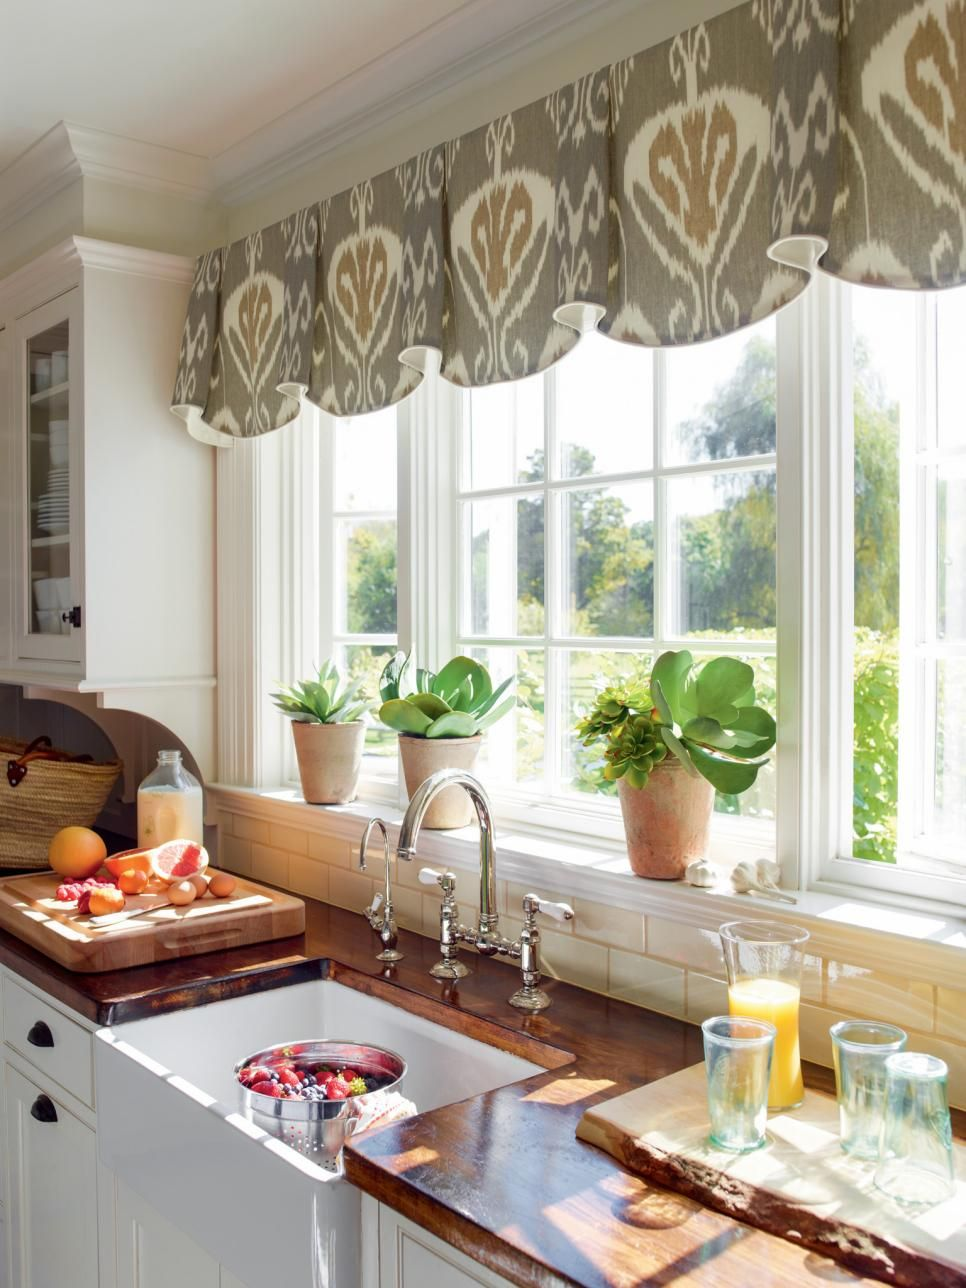 kitchen window treatment ideas 10 Stylish Kitchen Window Treatment Ideas